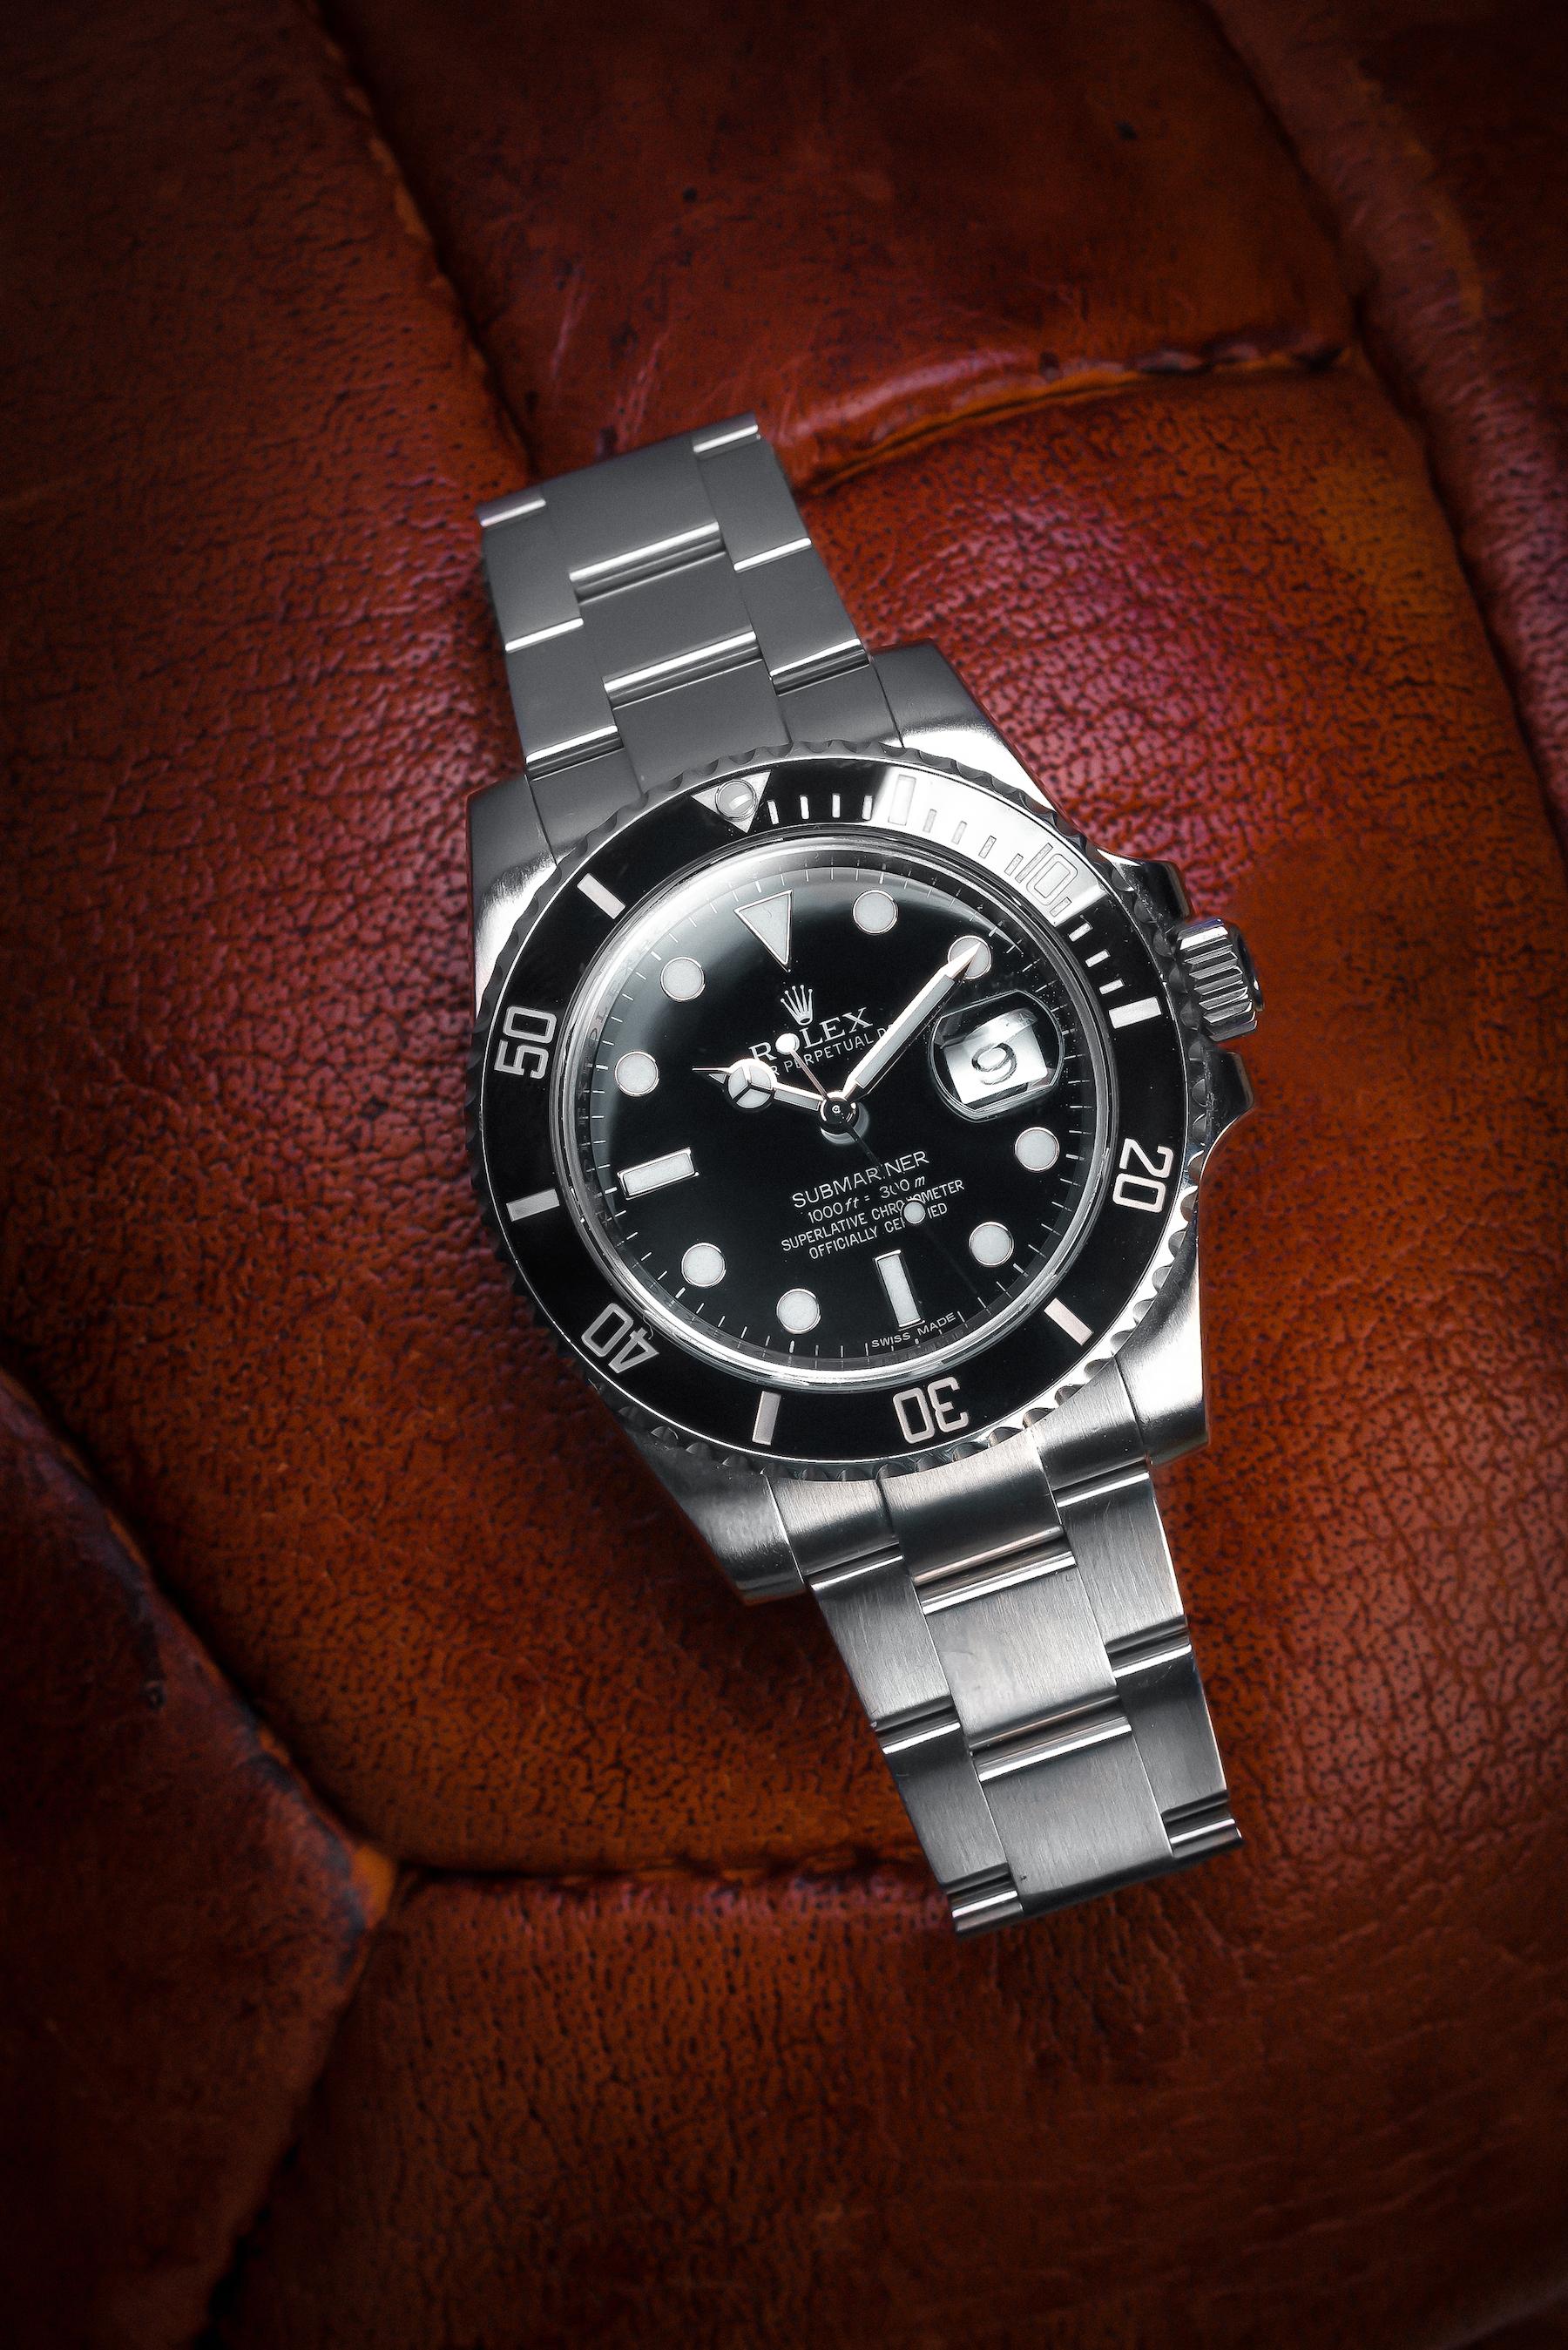 Rolex-submariner-ballon-thomas-drouault-portfolio.jpg